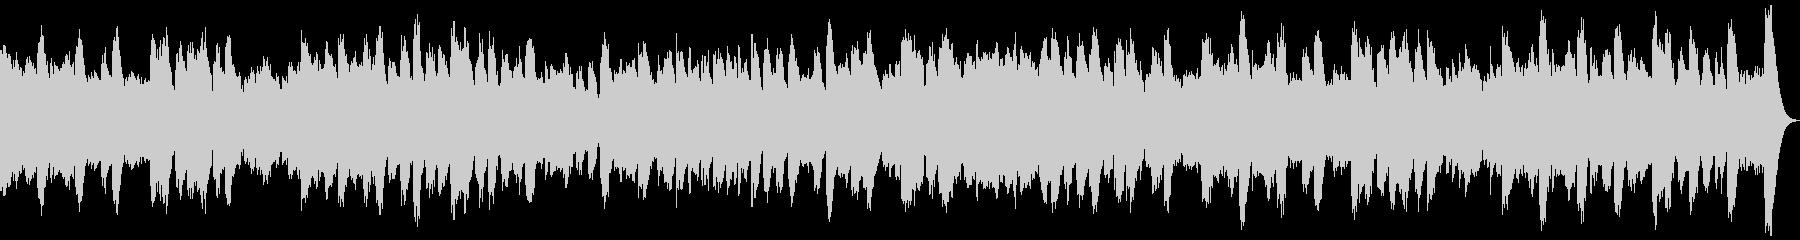 ミステリアスなオルゴール館のイメージで…の未再生の波形